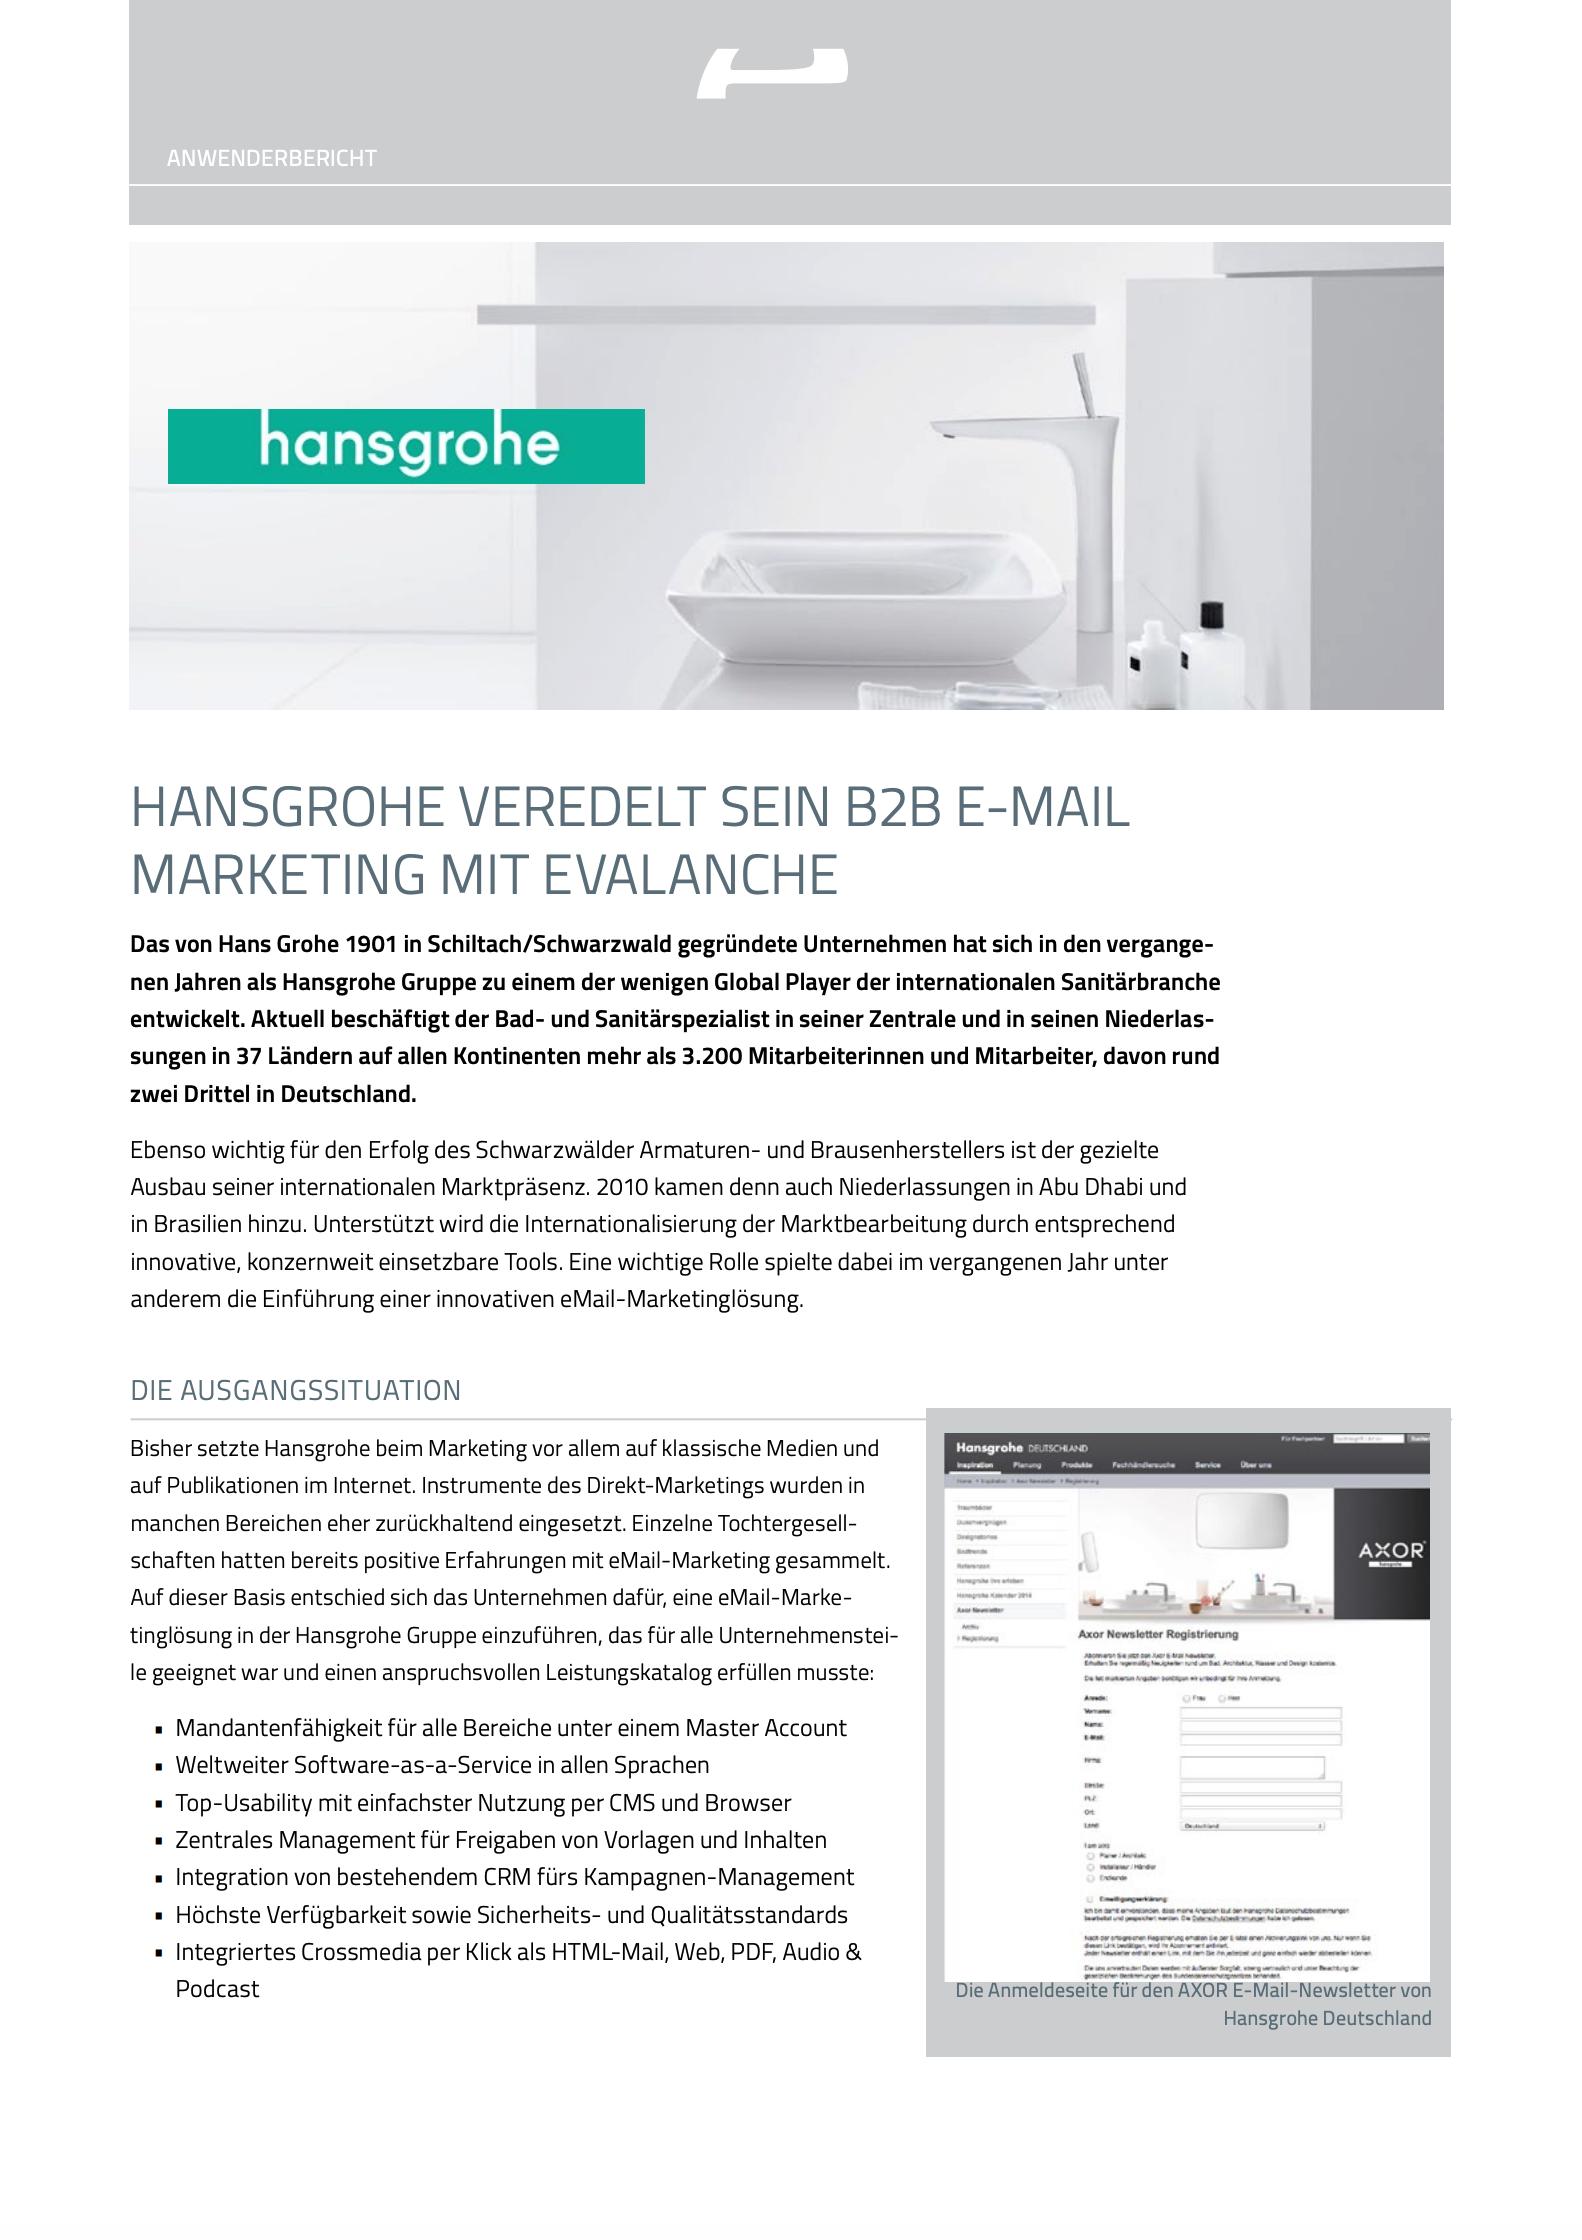 Email Marketing Software im Einsatz bei hansgrohe